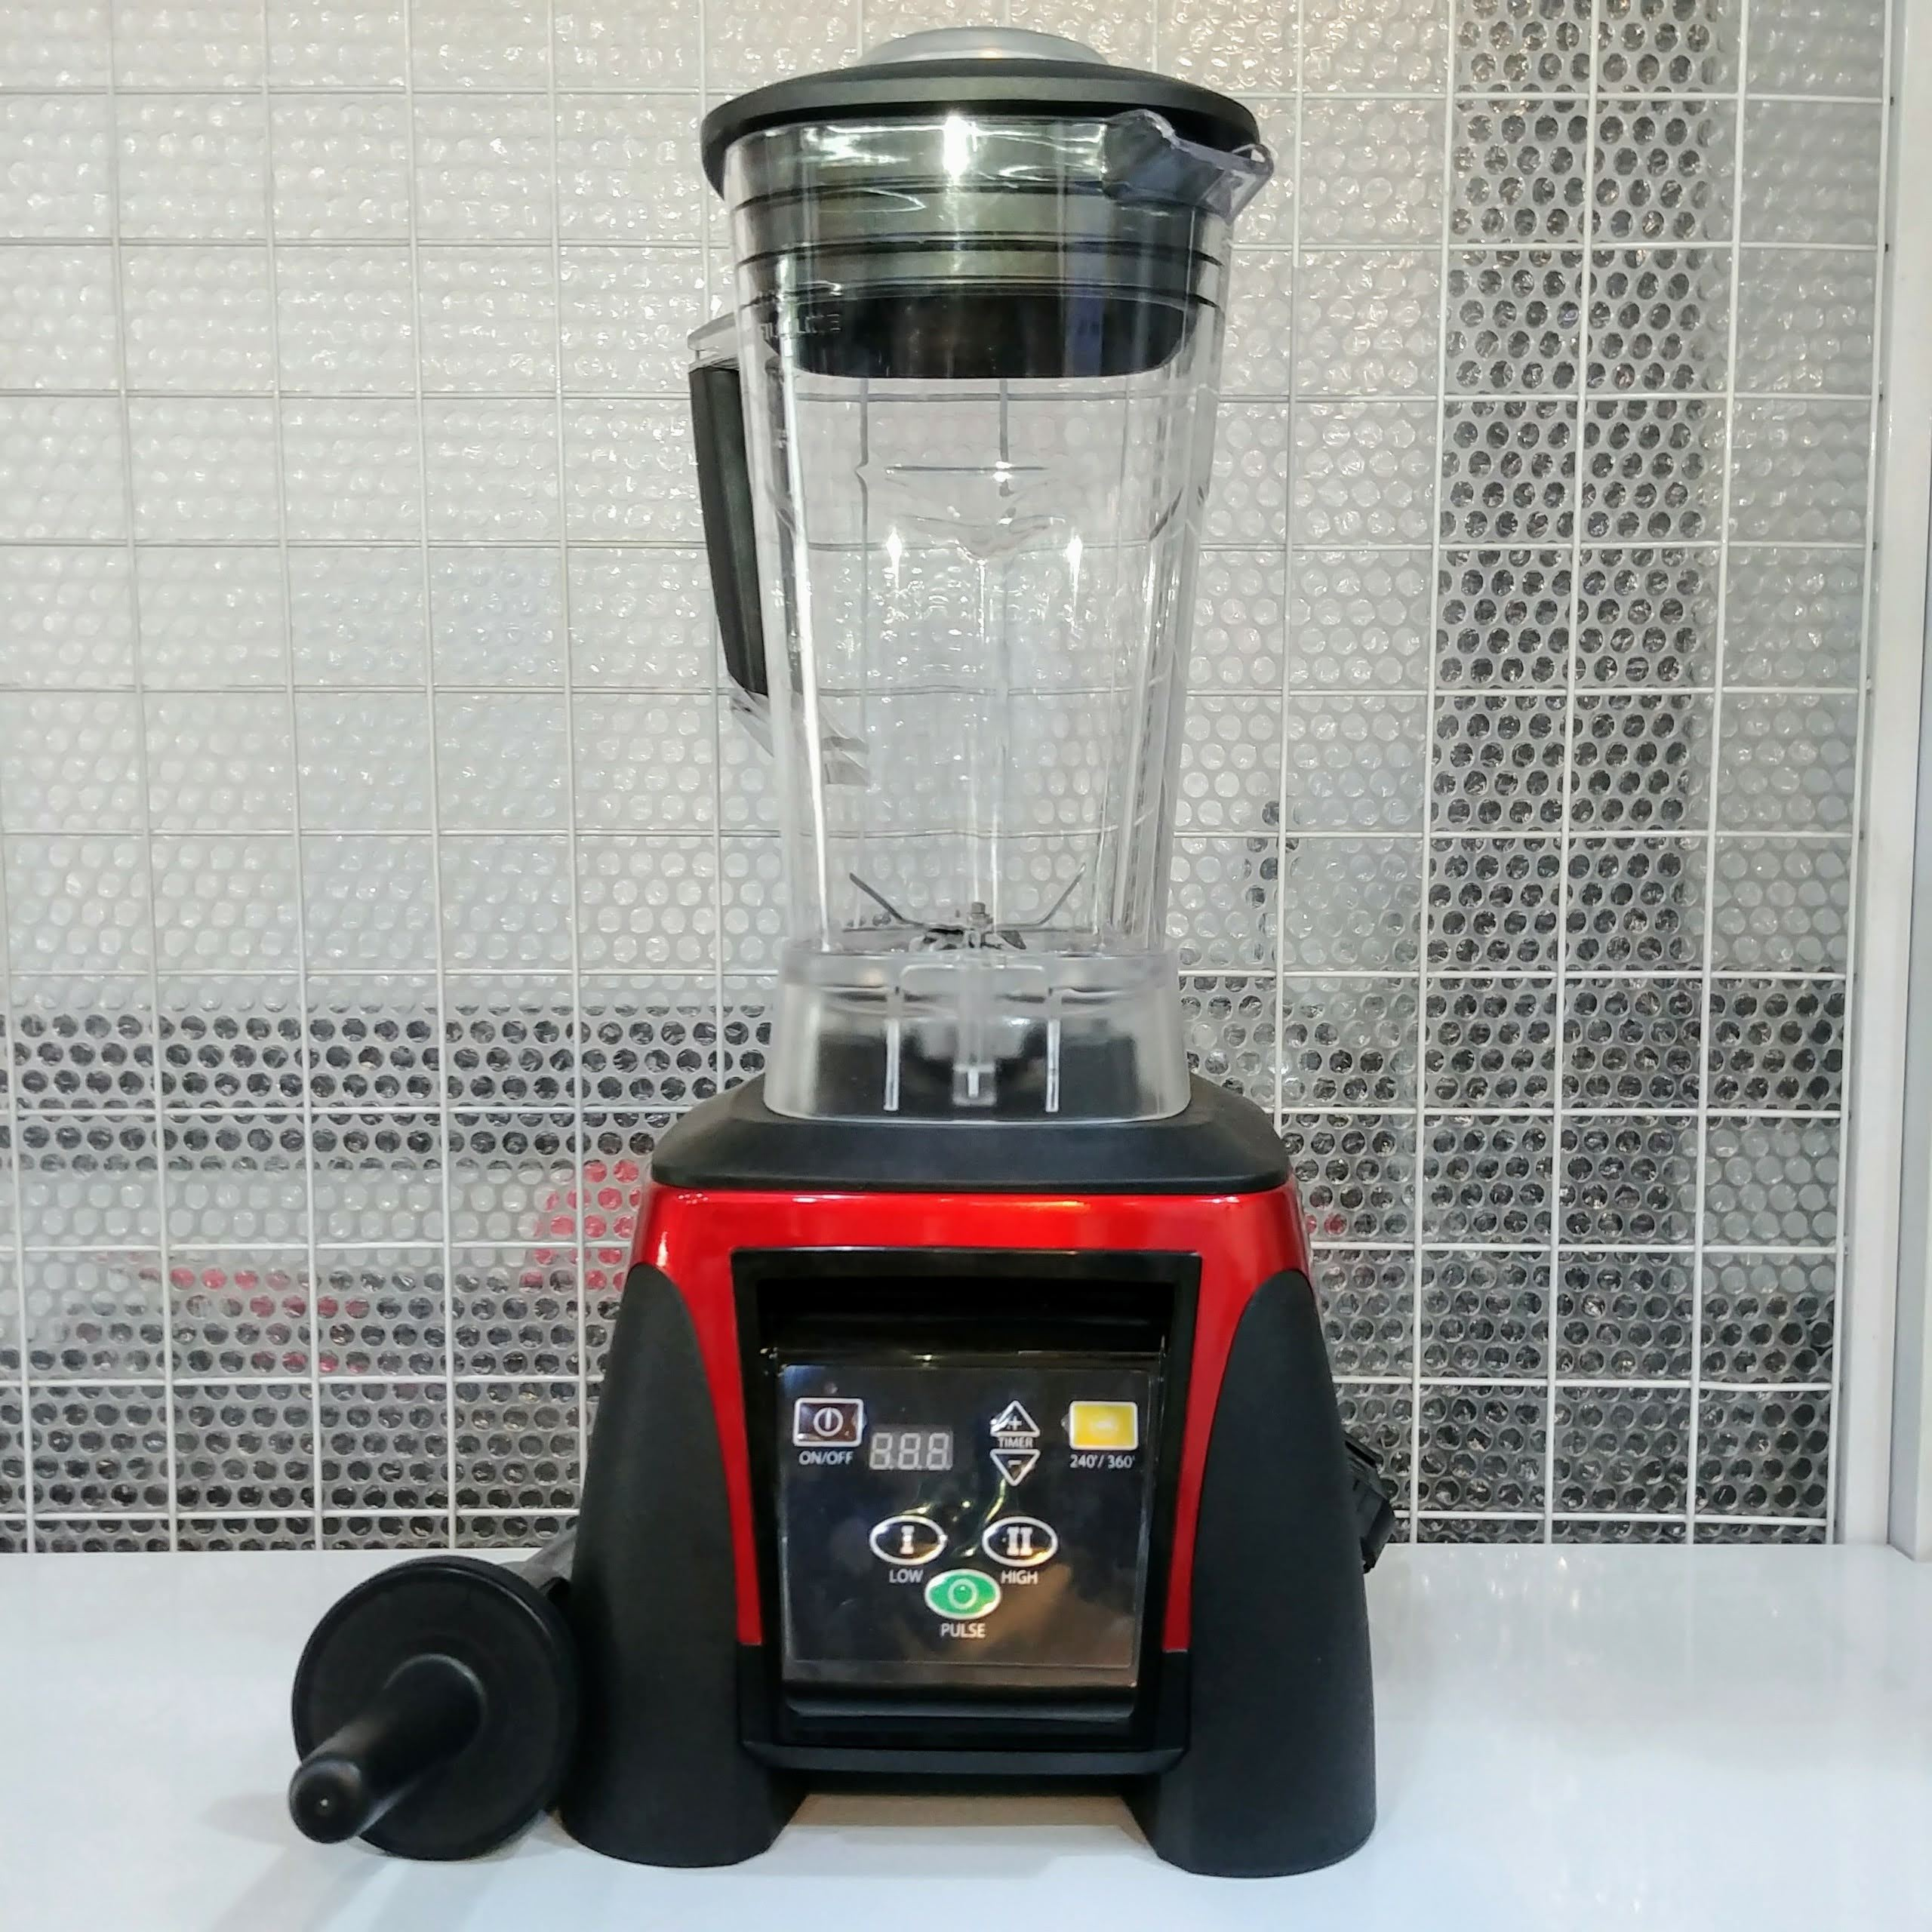 Máy xay sinh tố công nghiệp B1053 công suất 2200W, cối xay 2 lít, màn hình led và hẹn giờ